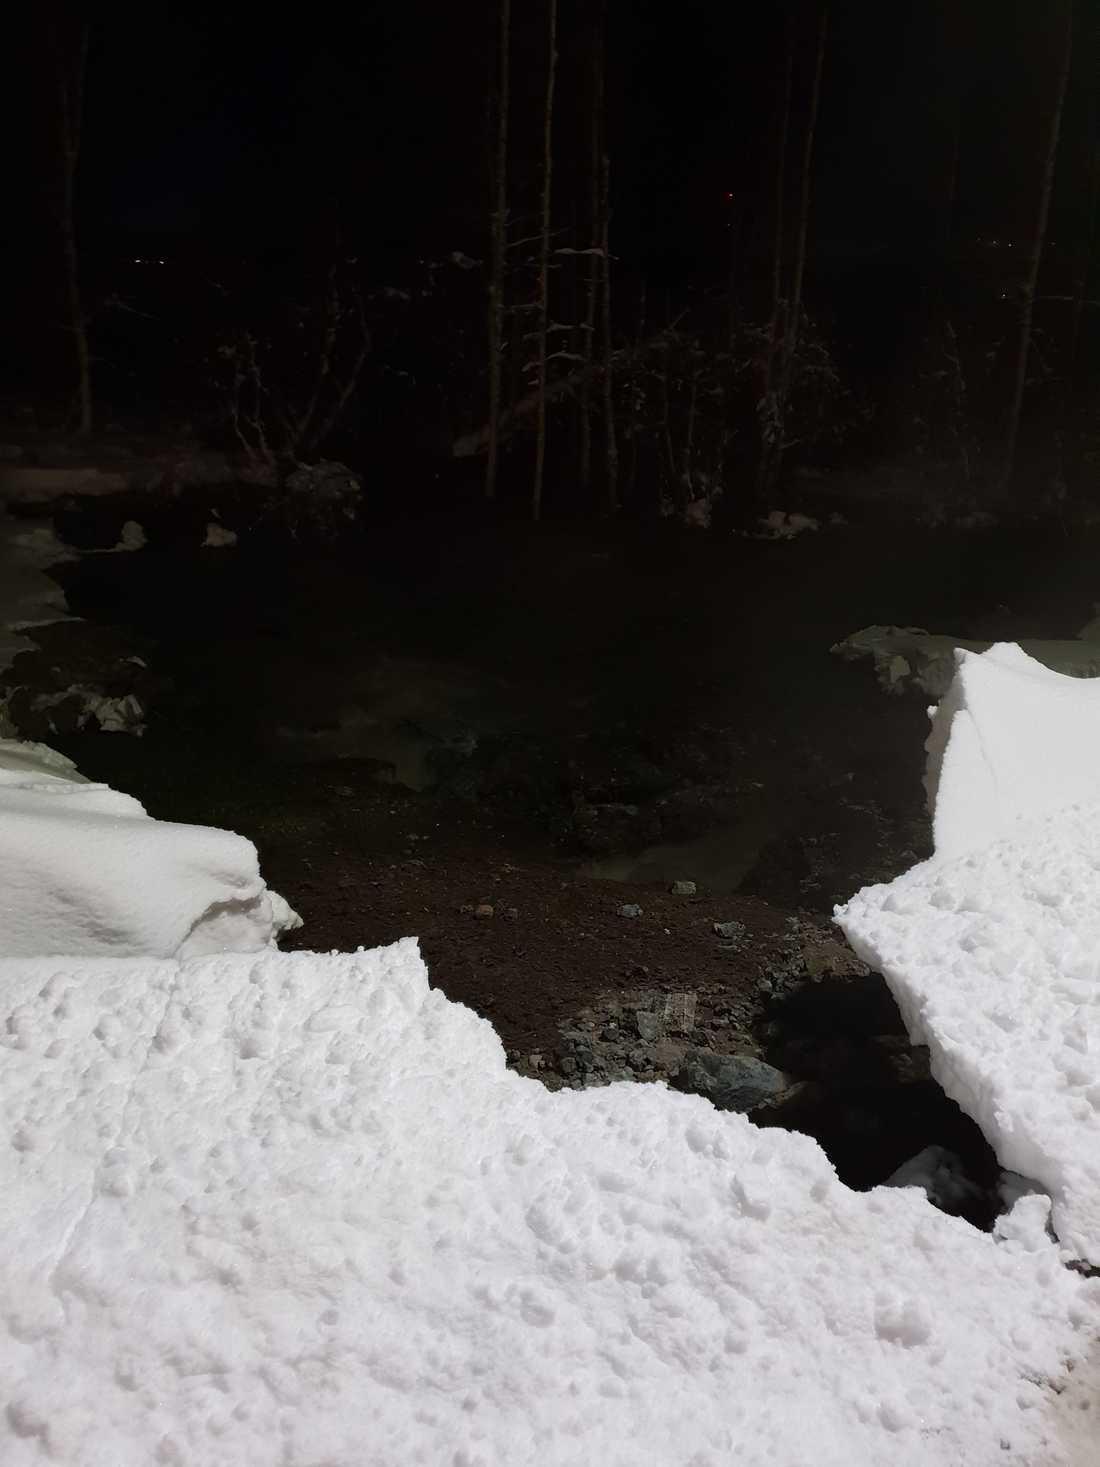 Flera tusen kubikmeter vatten läckte ut.